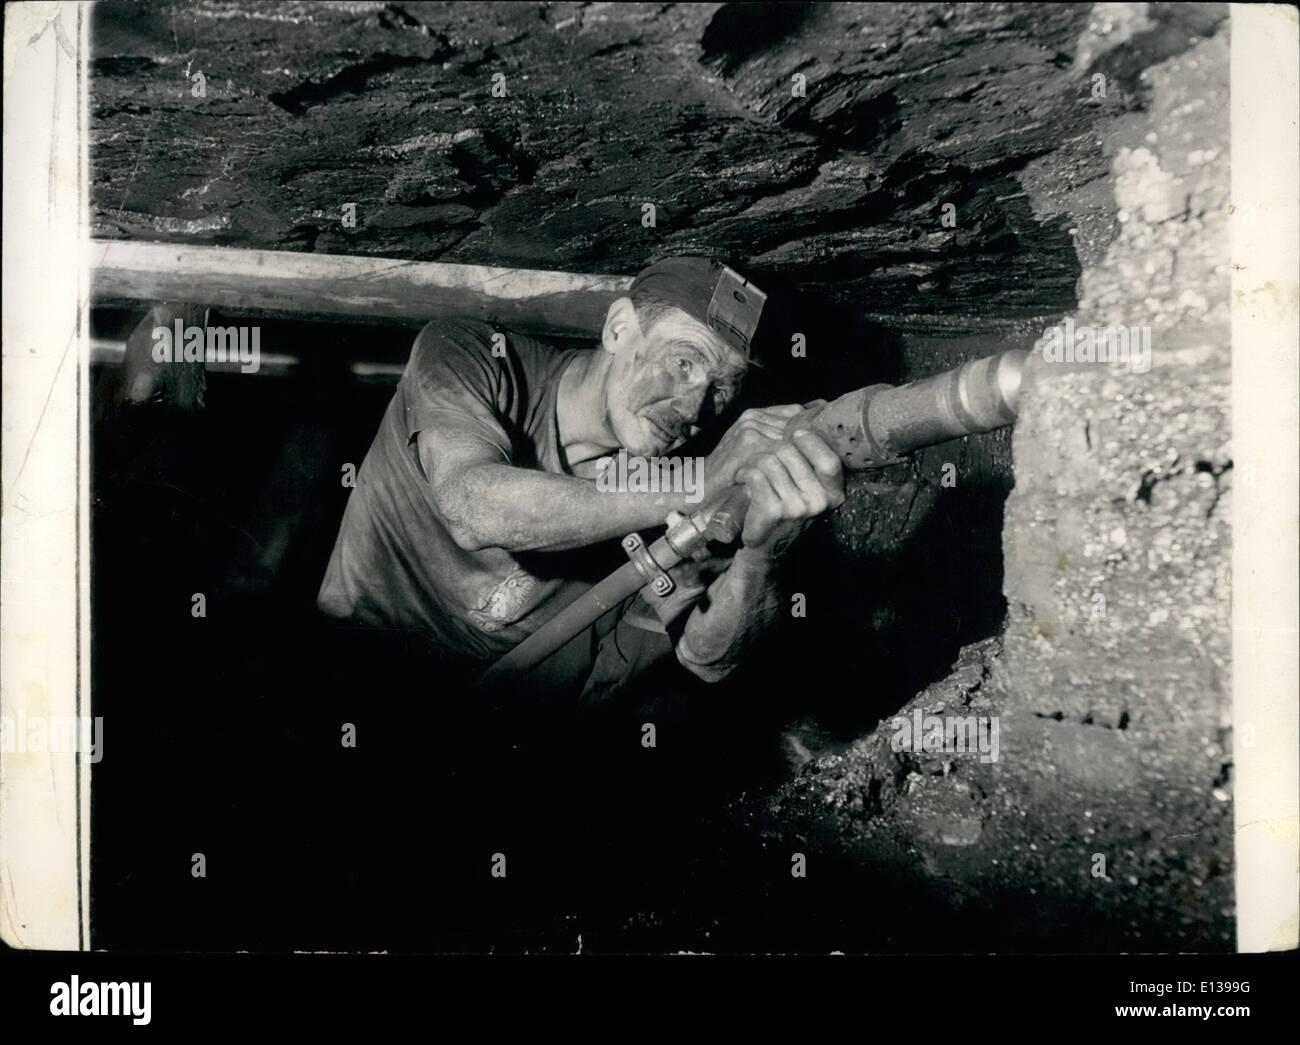 29 février 2012 - l'homme qui obtient le charbon.: à genoux dans un 3-pieds de SEAM, travaillant toujours à l'aise dans une position accroupie, le corps tout entier tremble de mineur avec les vibrations jeté dehors par son percer comme il creuse son chemin dans le front de taille. Photo Stock